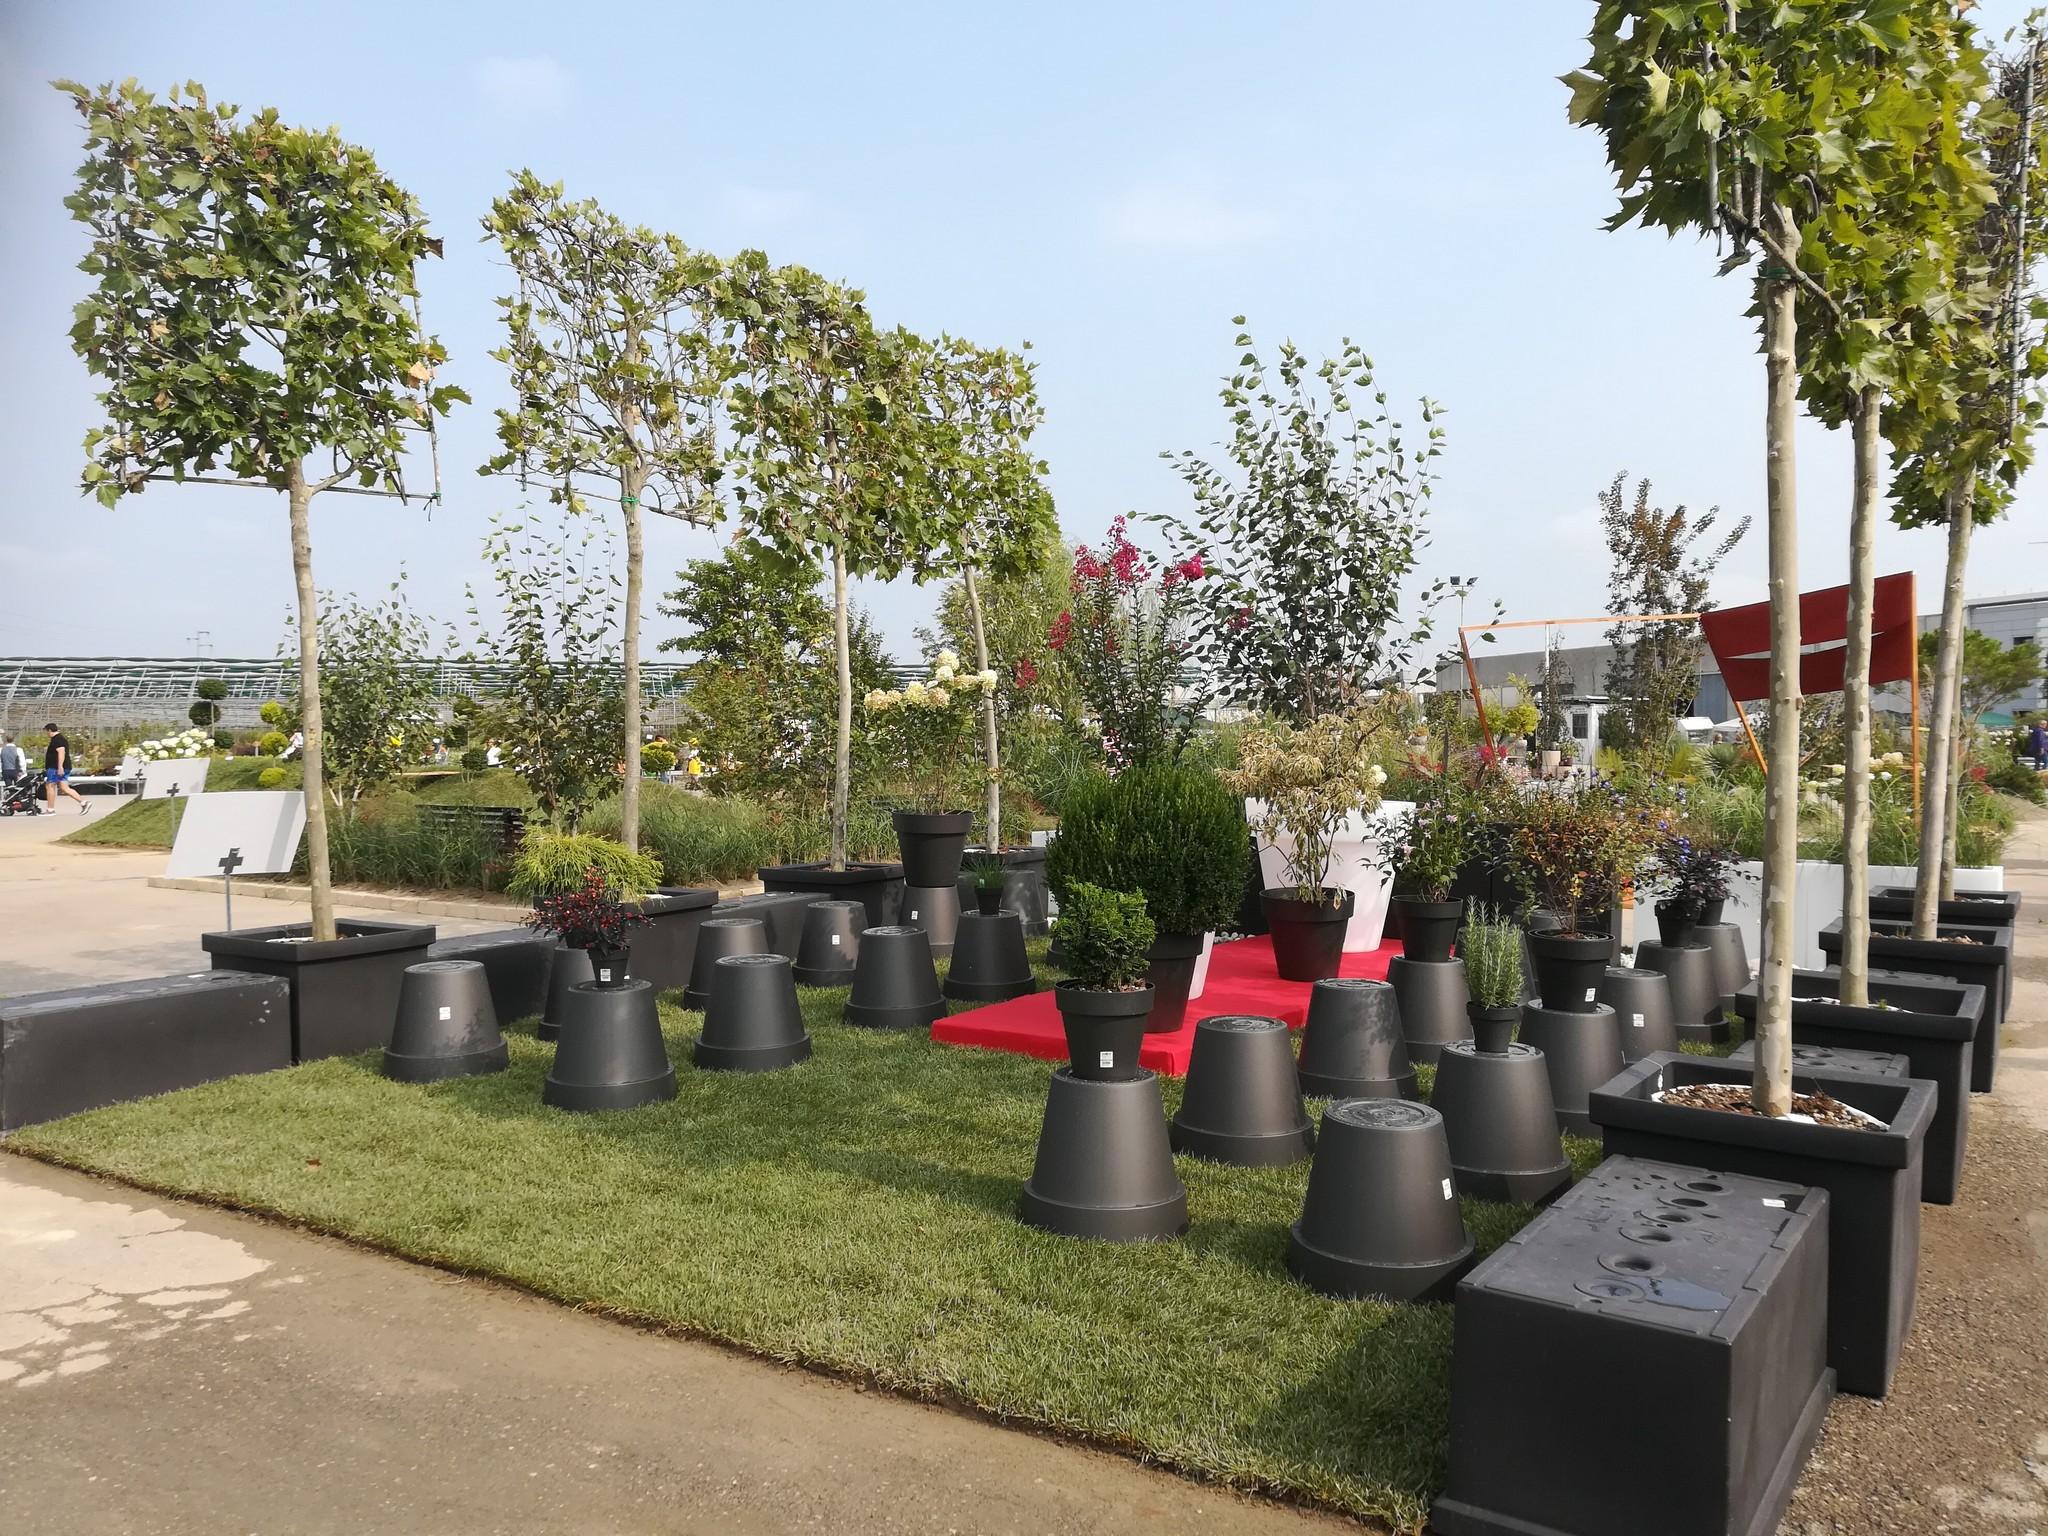 Concorso-giardini-Verdeggiando_43-Fashion-Green-Parade-7GKW3-DM-Landscape-Marica-Succi-e-Domenico-Dipinto